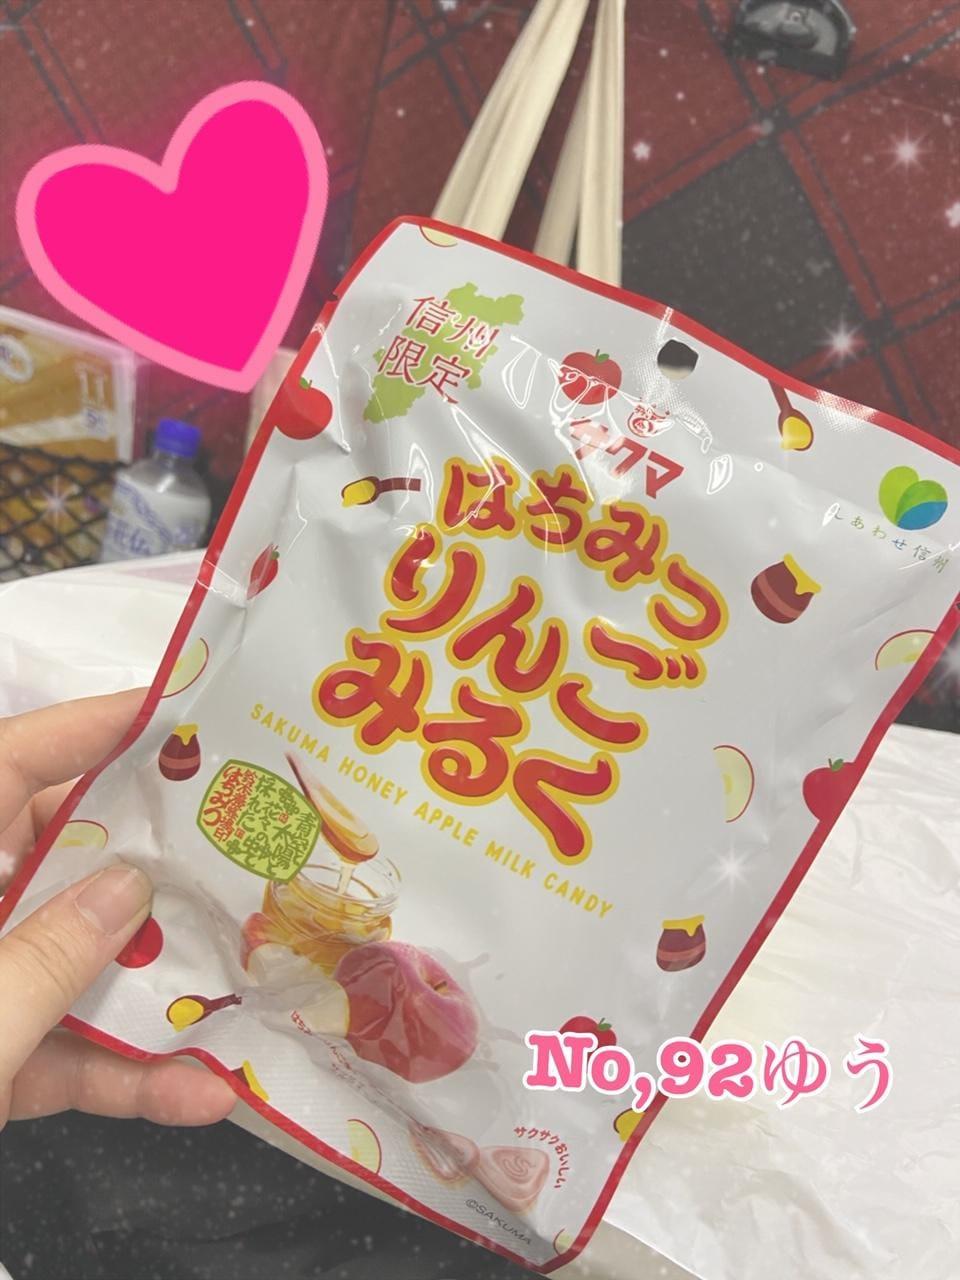 「恒例(*゚ω゜*)」11/26(火) 08:57 | ゆうの写メ・風俗動画